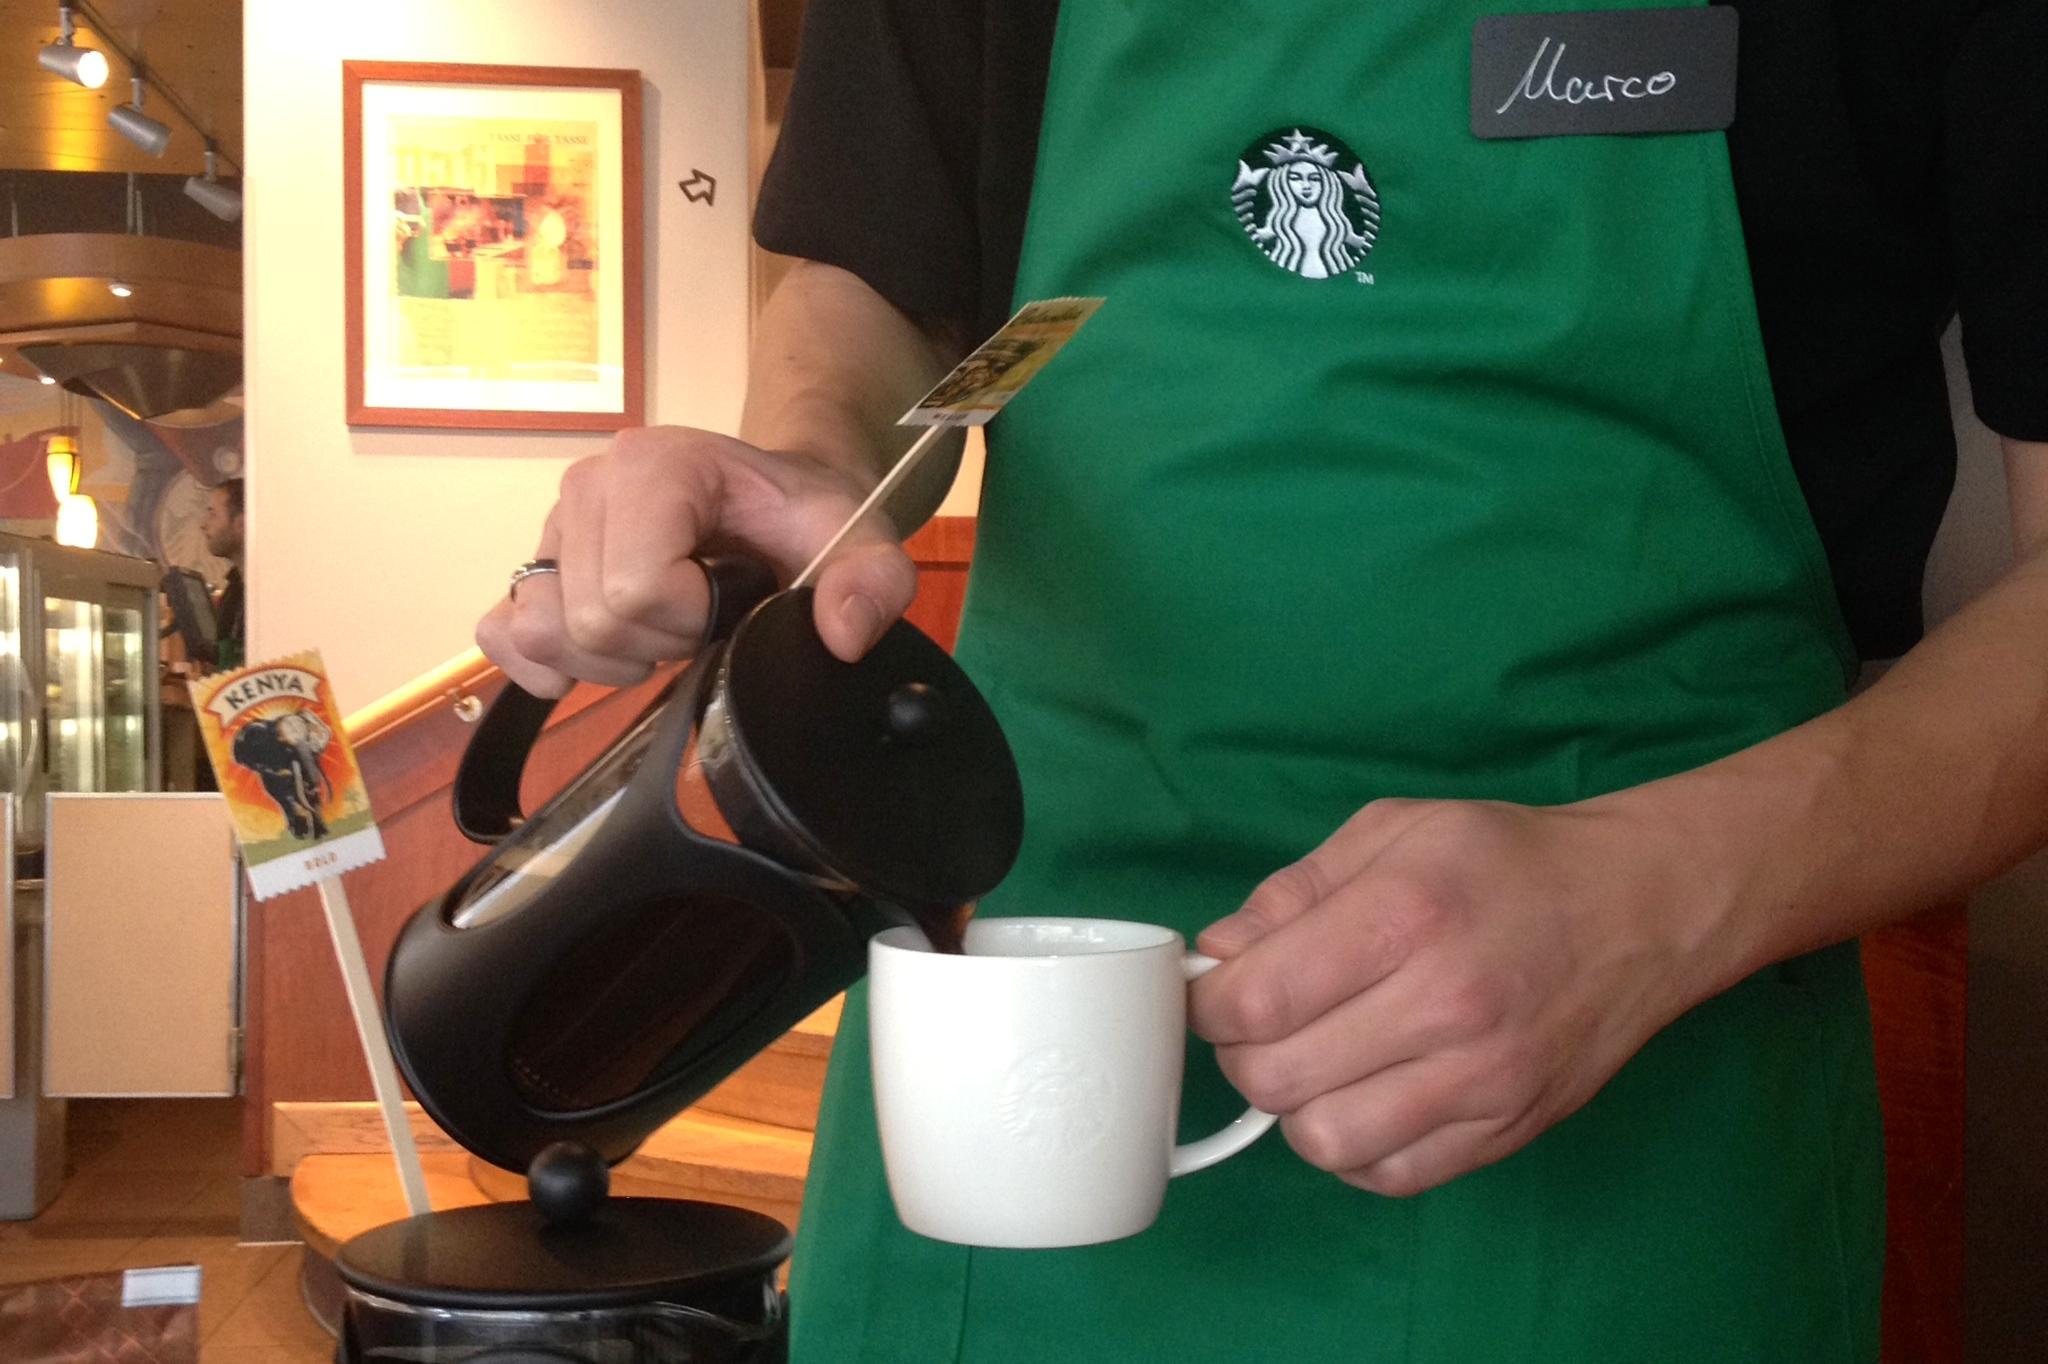 Starbucks-behind-the-scenes-soulsistermeetsfriends